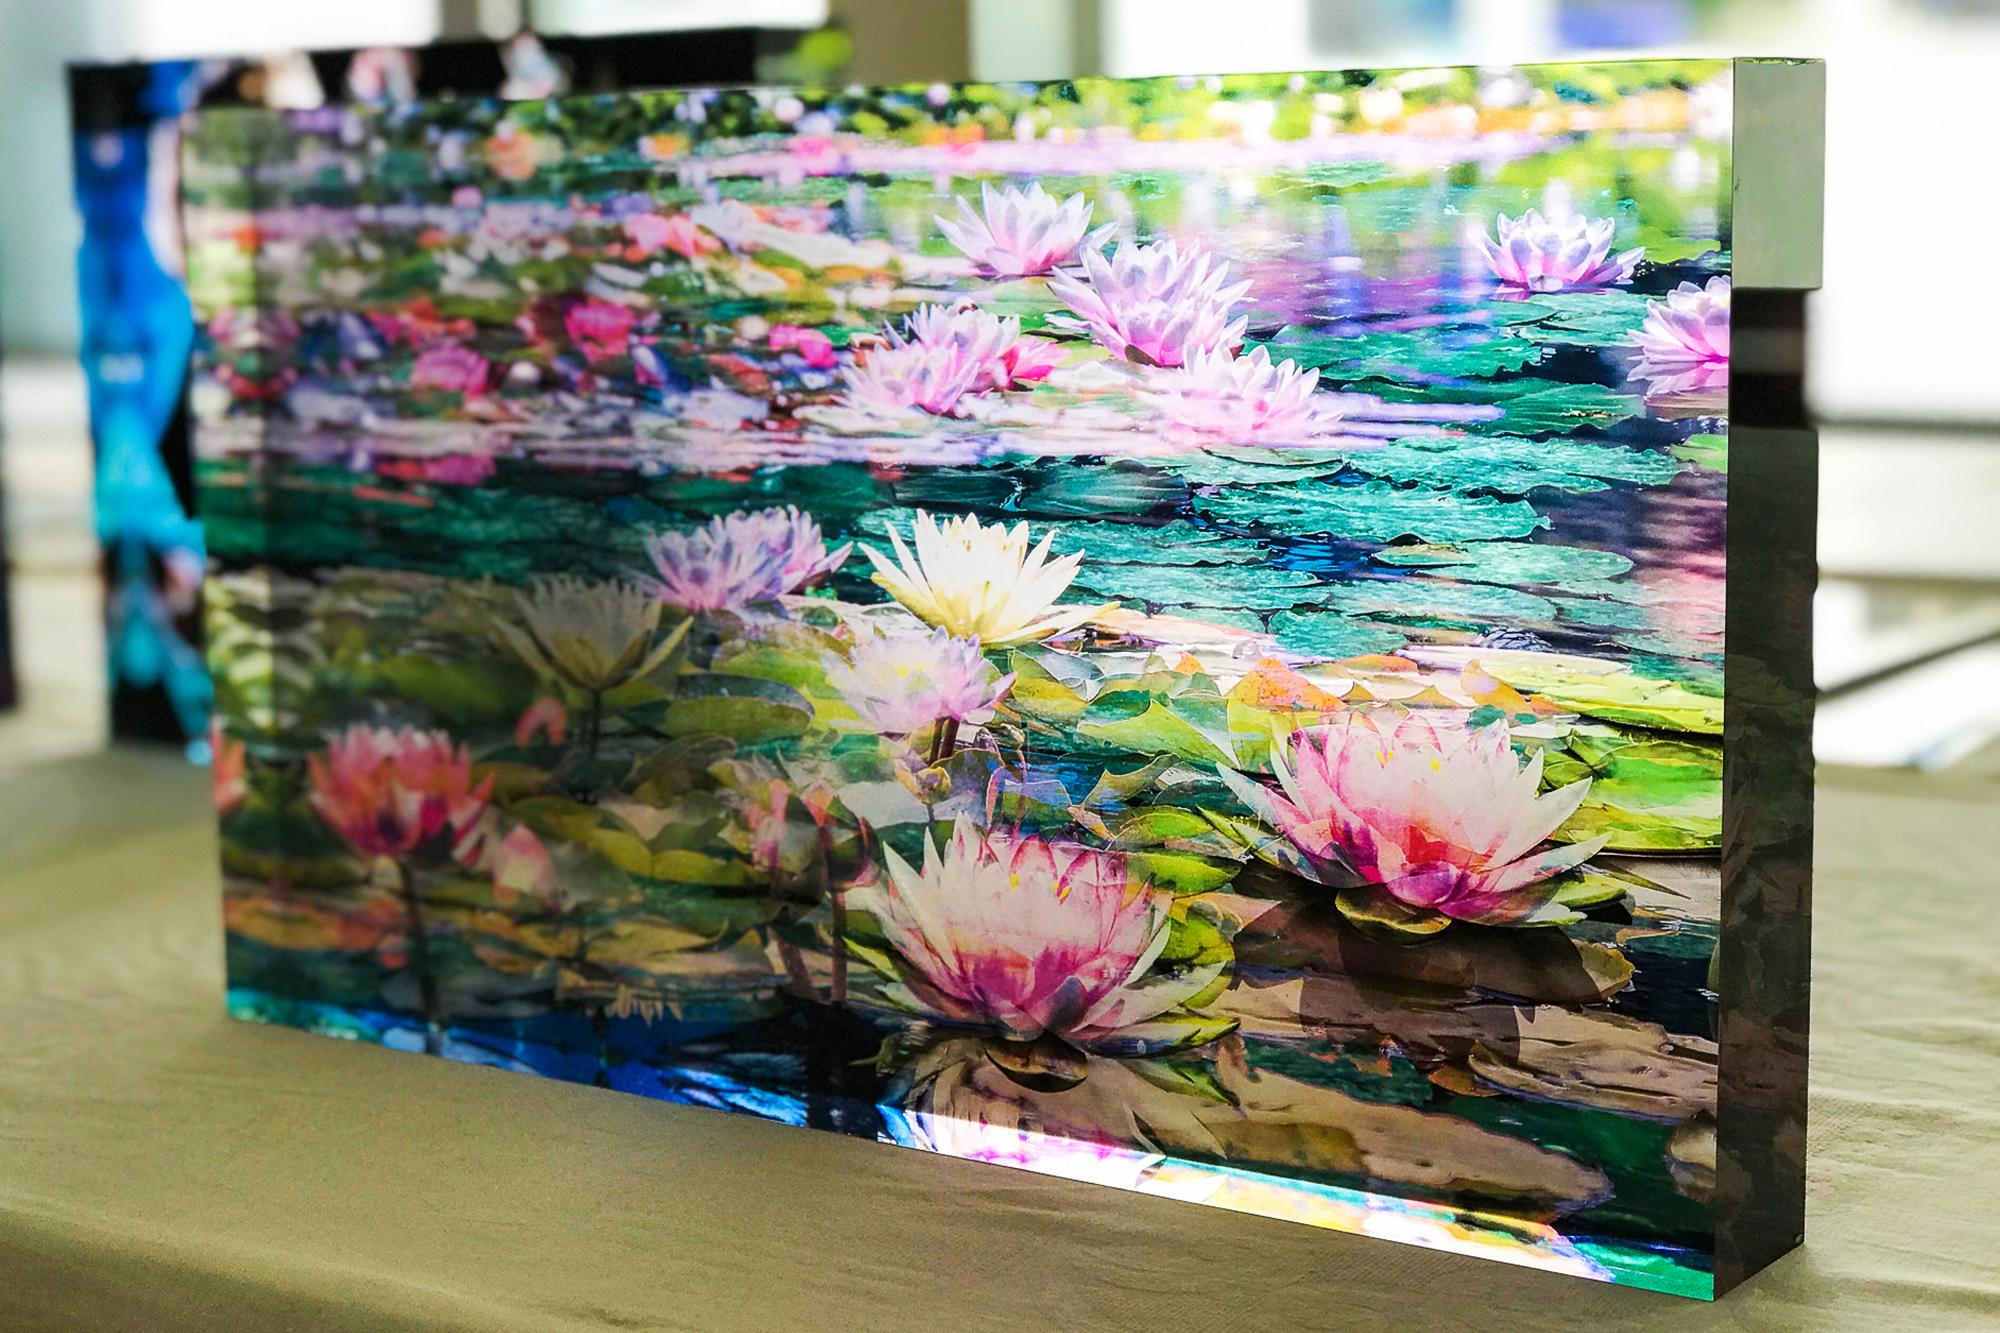 Druck auf Acrylglas und Plexiglas